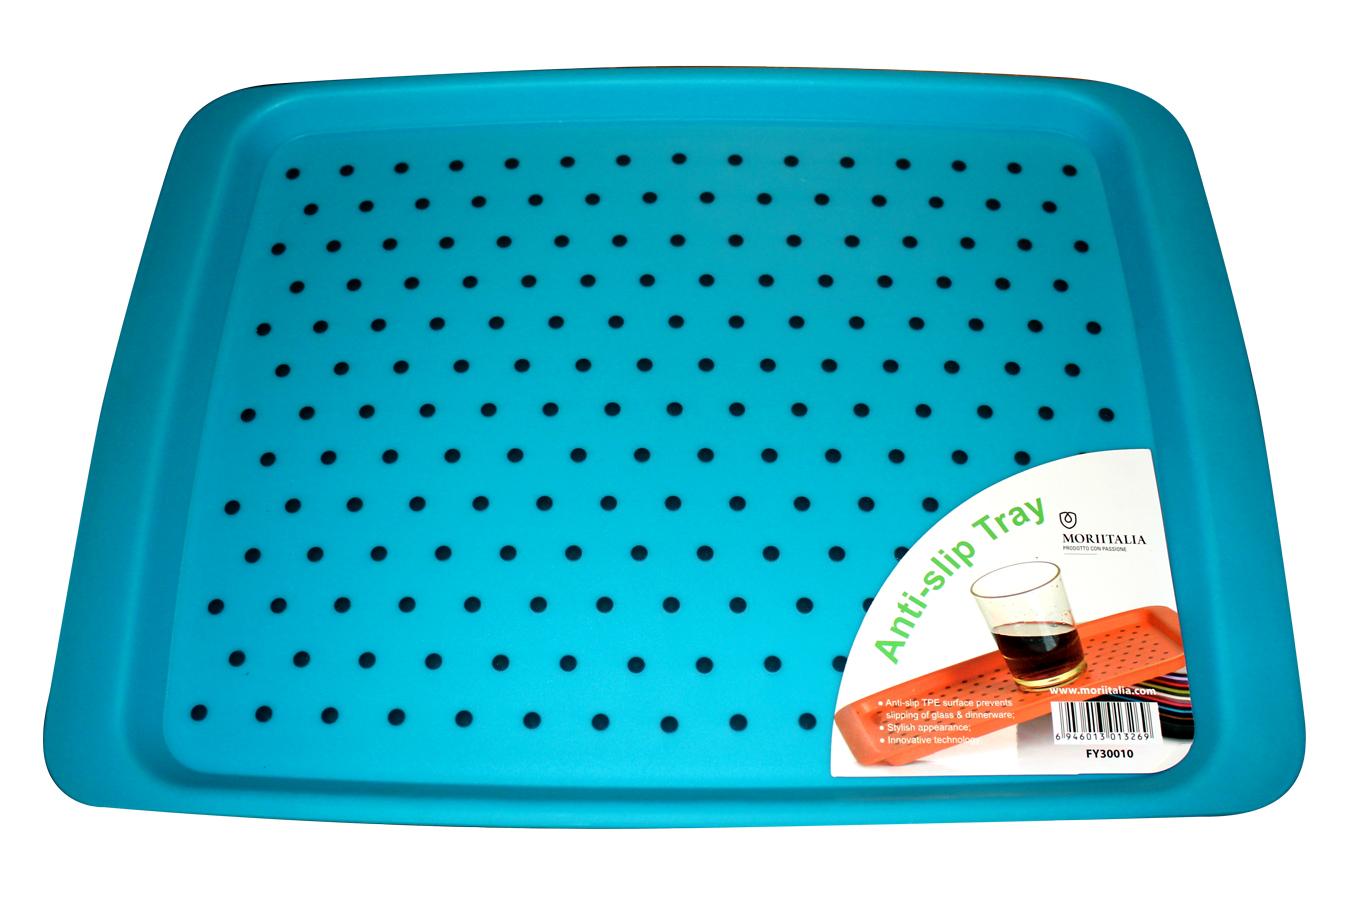 Khay Nhựa Moriitalia Màu Xanh Dương FY30010